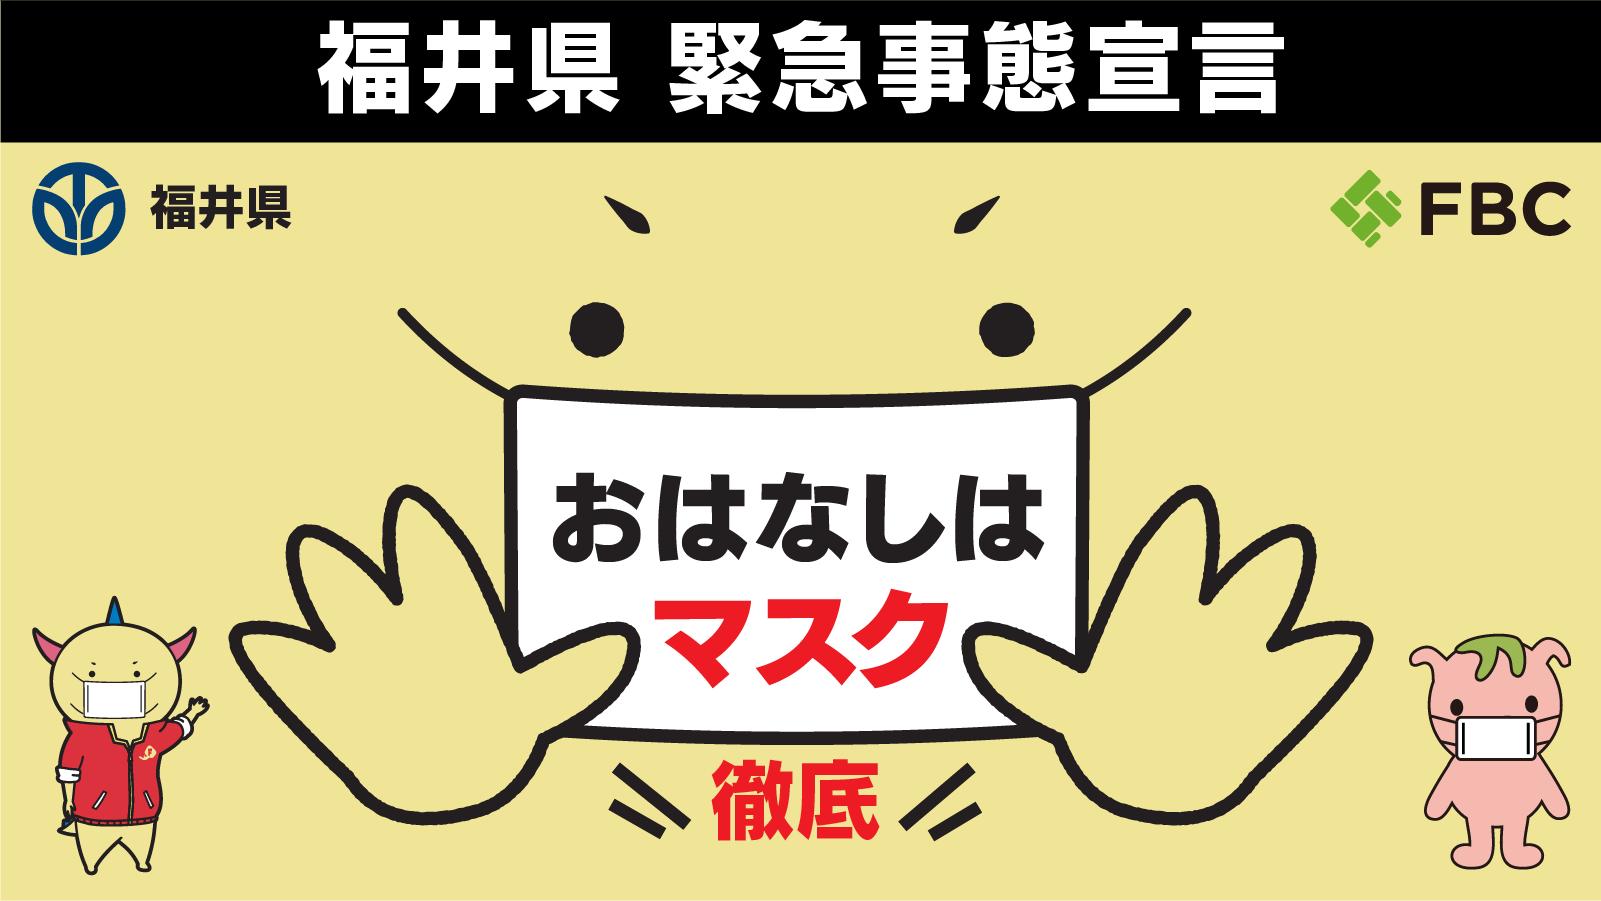 福井県緊急事態宣言 7月8日まで